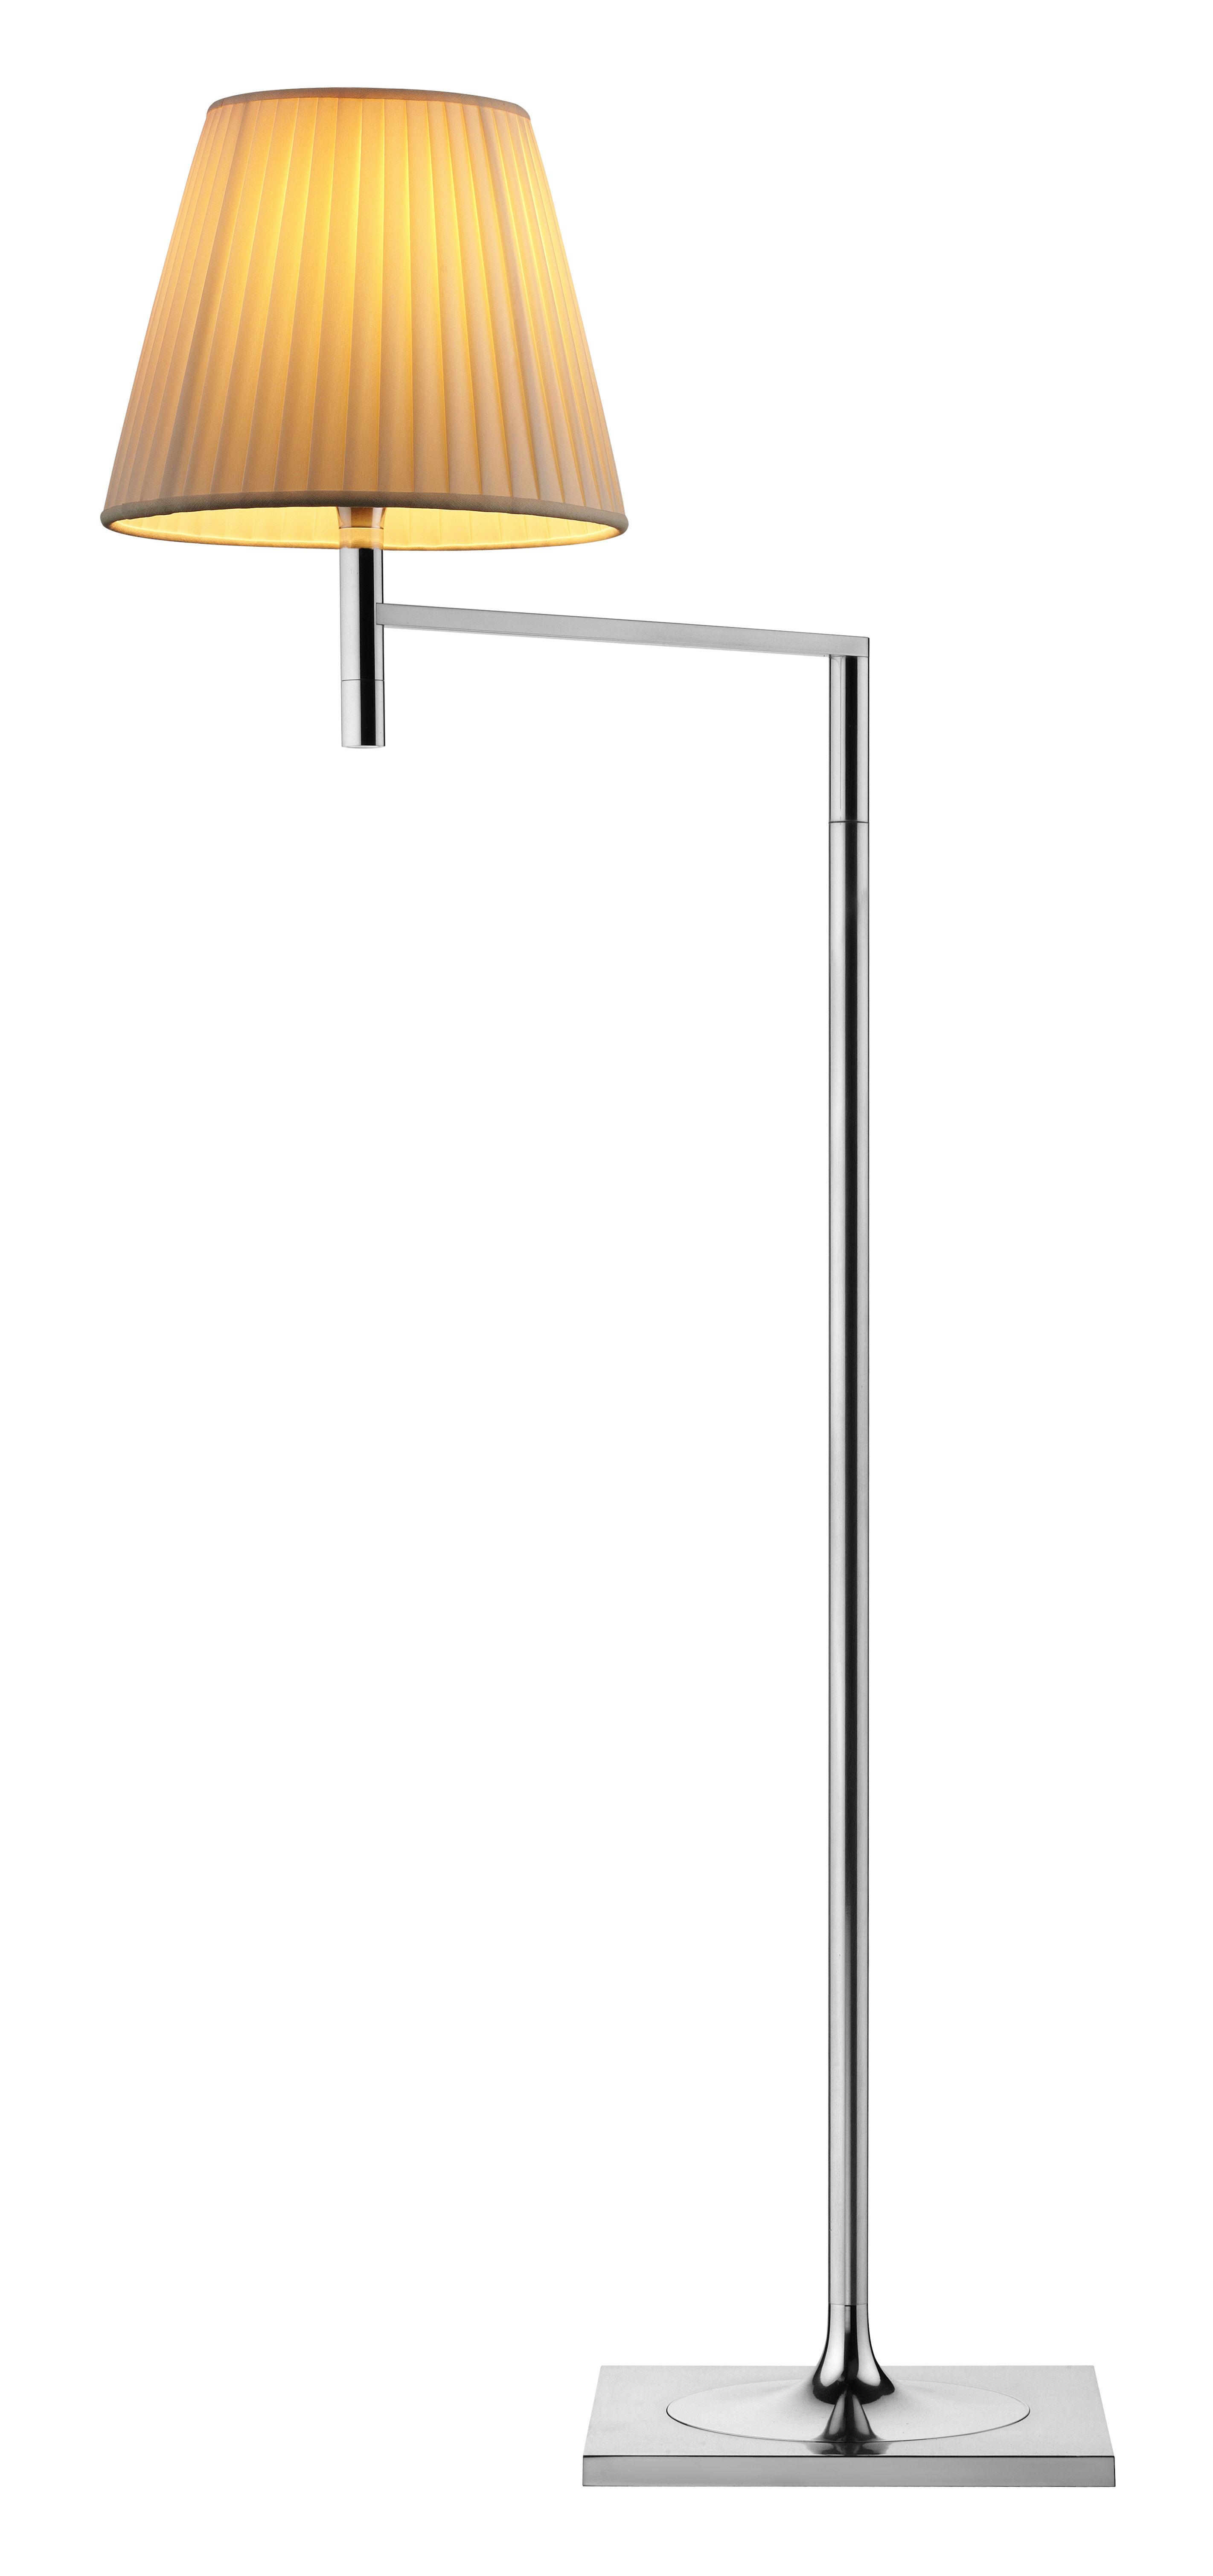 Leuchten - Stehleuchten - K Tribe F1 Soft Stehleuchte H 112 cm - Flos - Plissierter Stoff - Gewebe, poliertes Aluminium